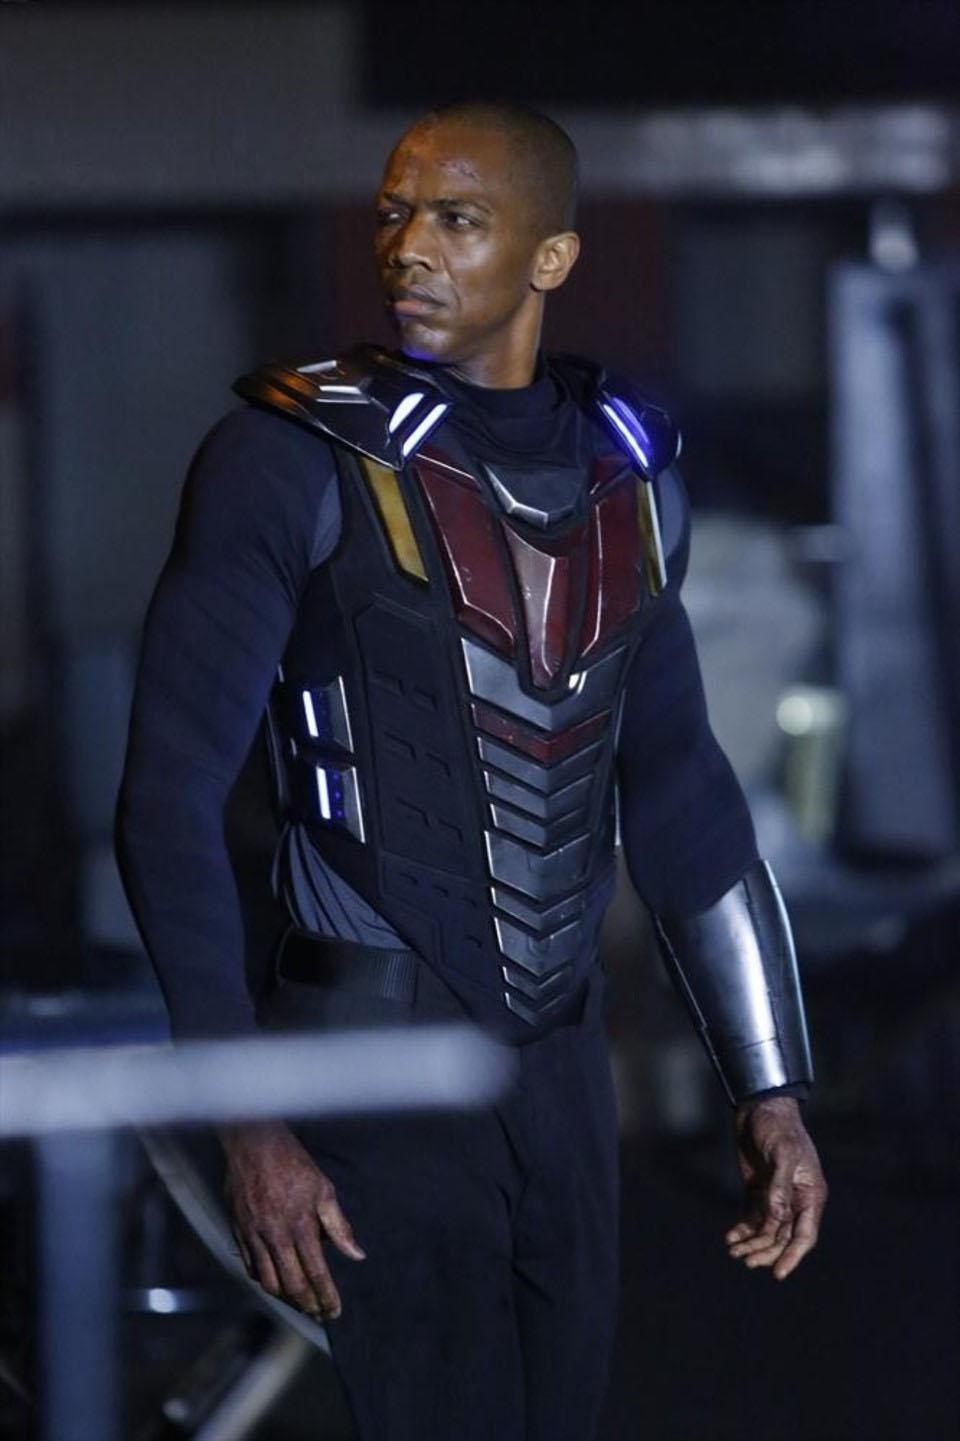 Agents of S.H.I.E.L.D. - Deathlok